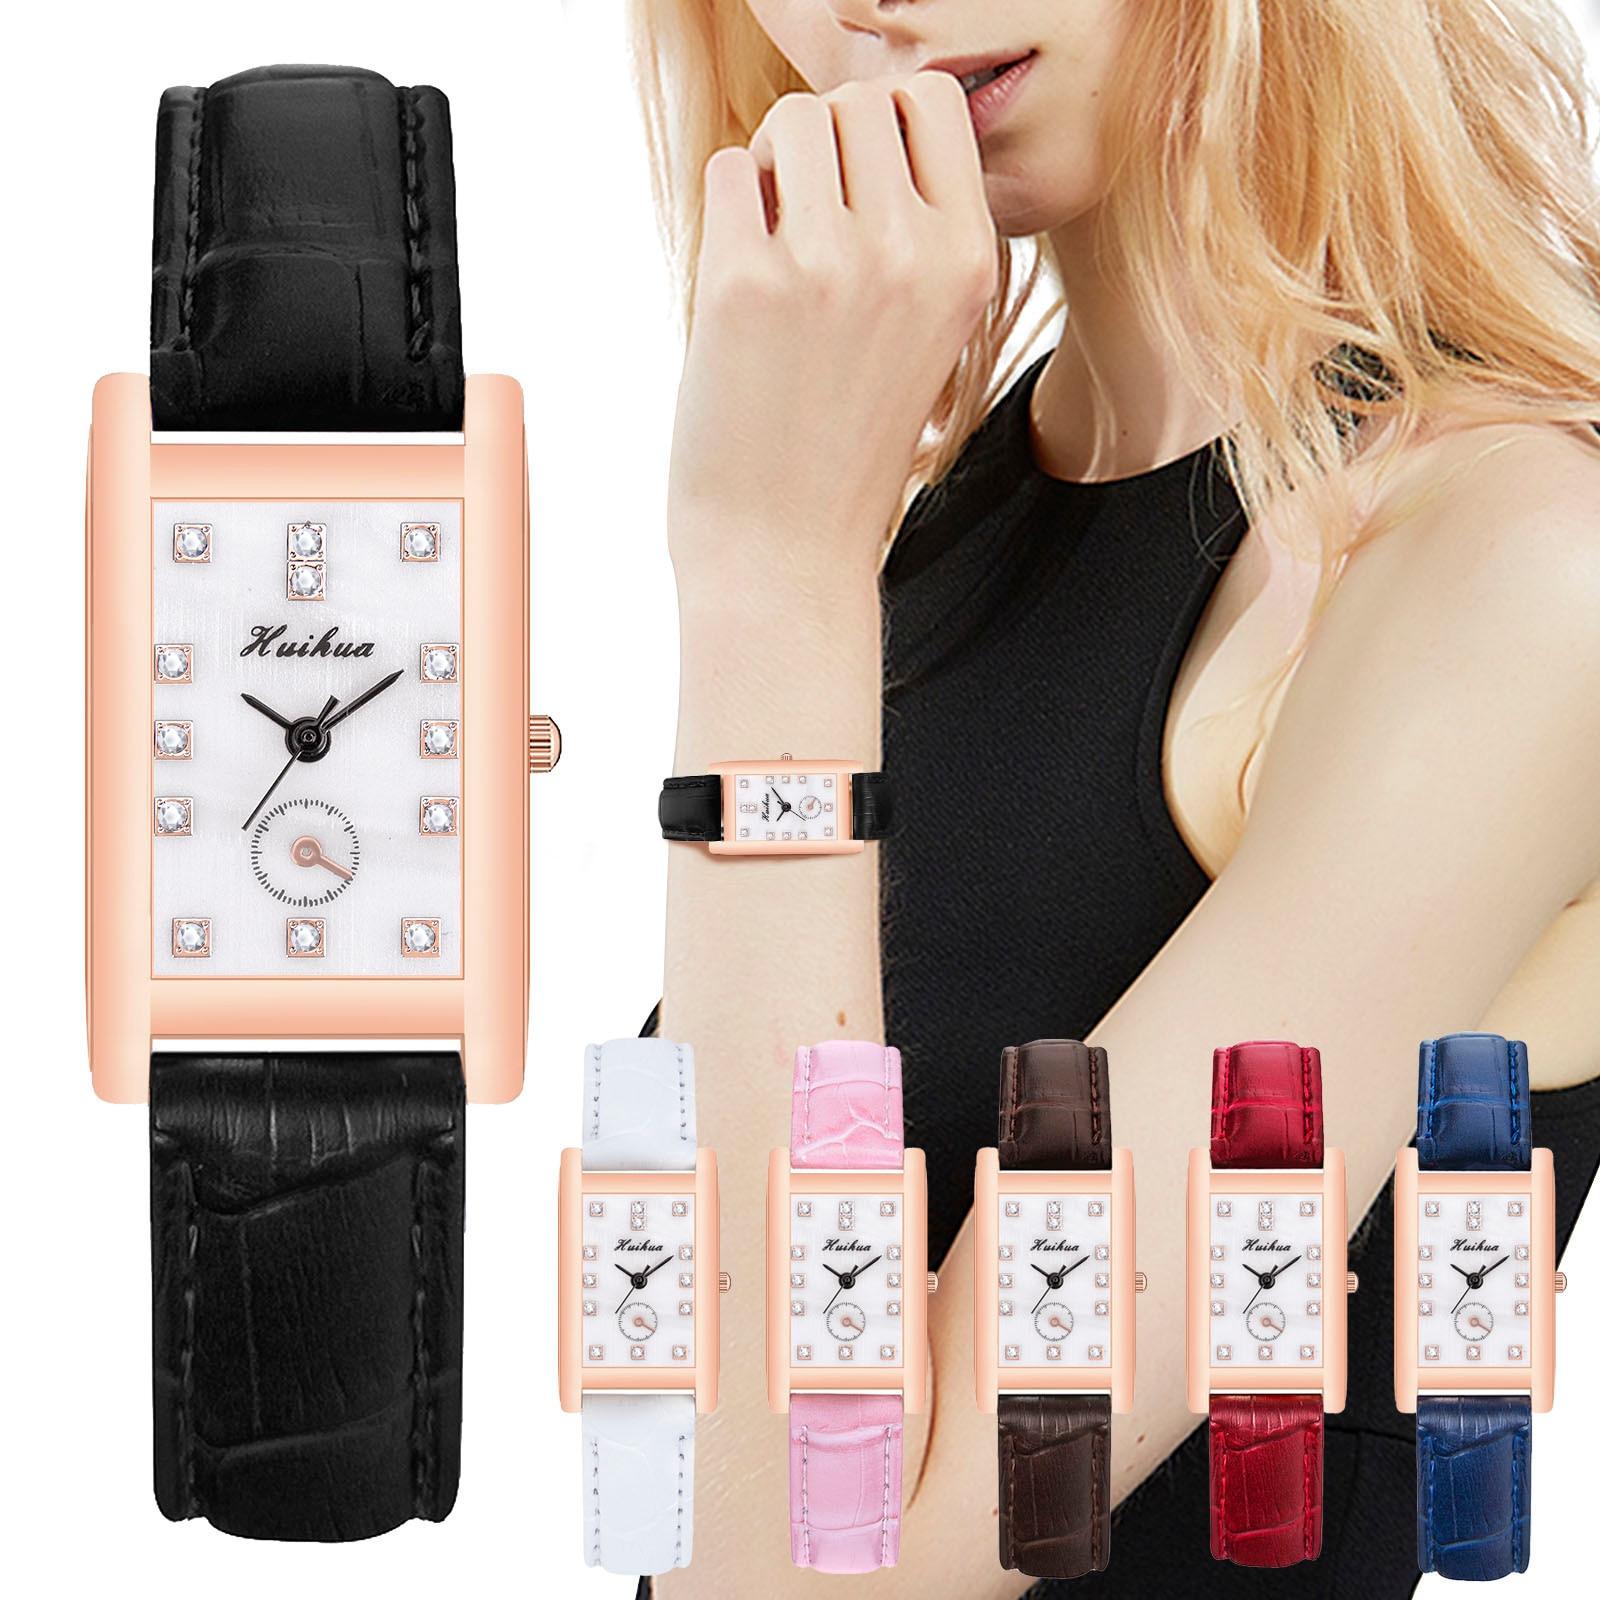 VANSVAR брендовые прямоугольные кварцевые часы с кристаллами и кожаным ремешком из нержавеющей стали часы для женщин наручные часы Montre Femme